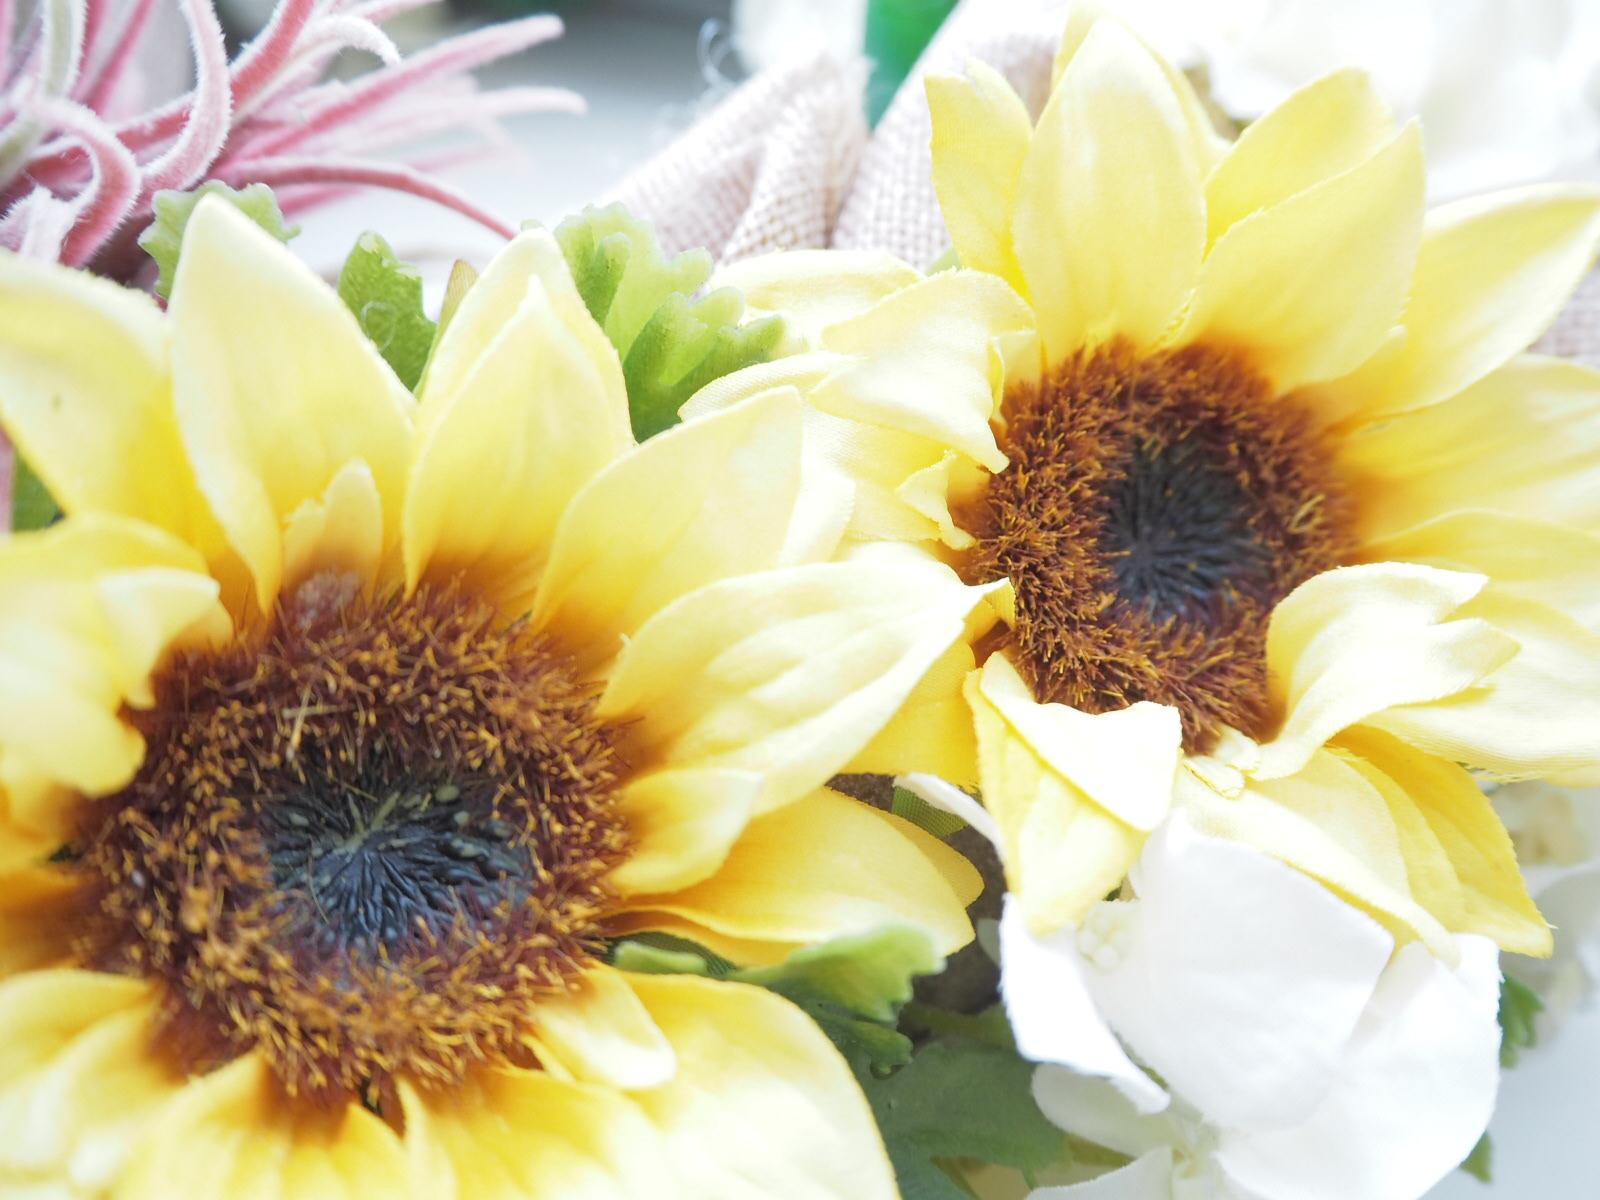 ひまわり.サンフラワー,黄色,夏,夏の花,夏休み,アーティフィシャルフラワー,リース